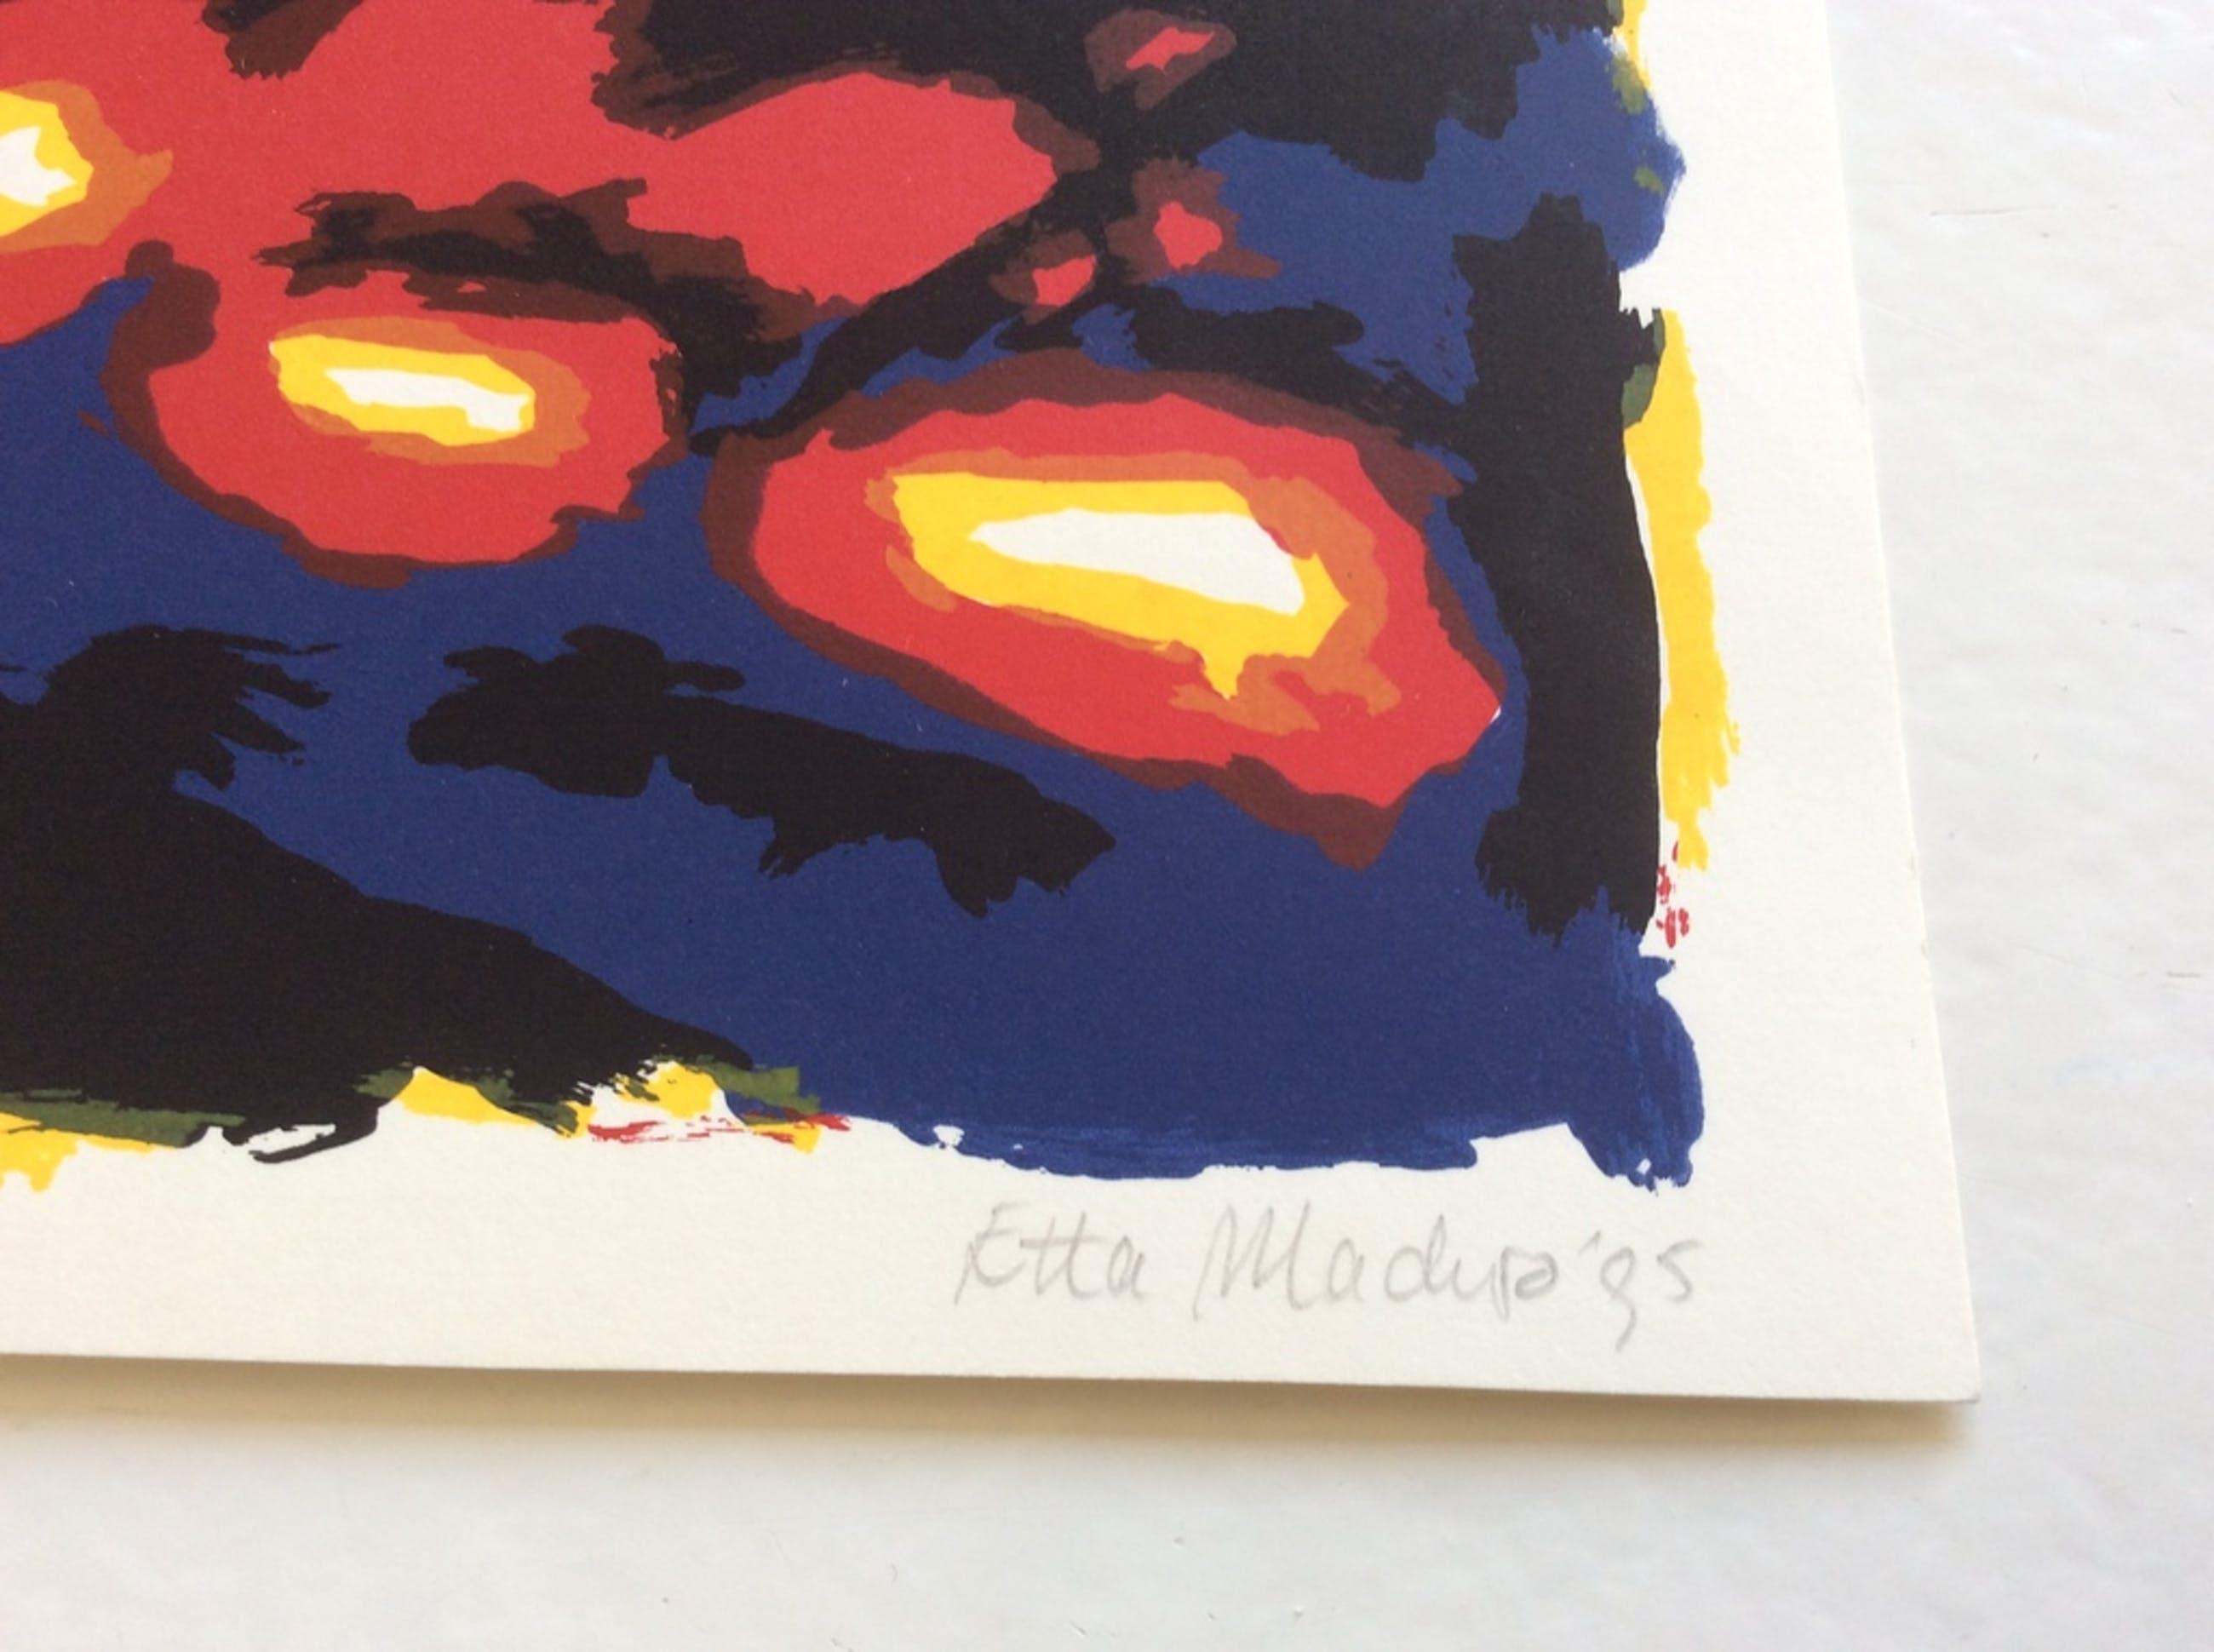 Etta Maduro - zeefdruk, 1995, gesign. kopen? Bied vanaf 1!